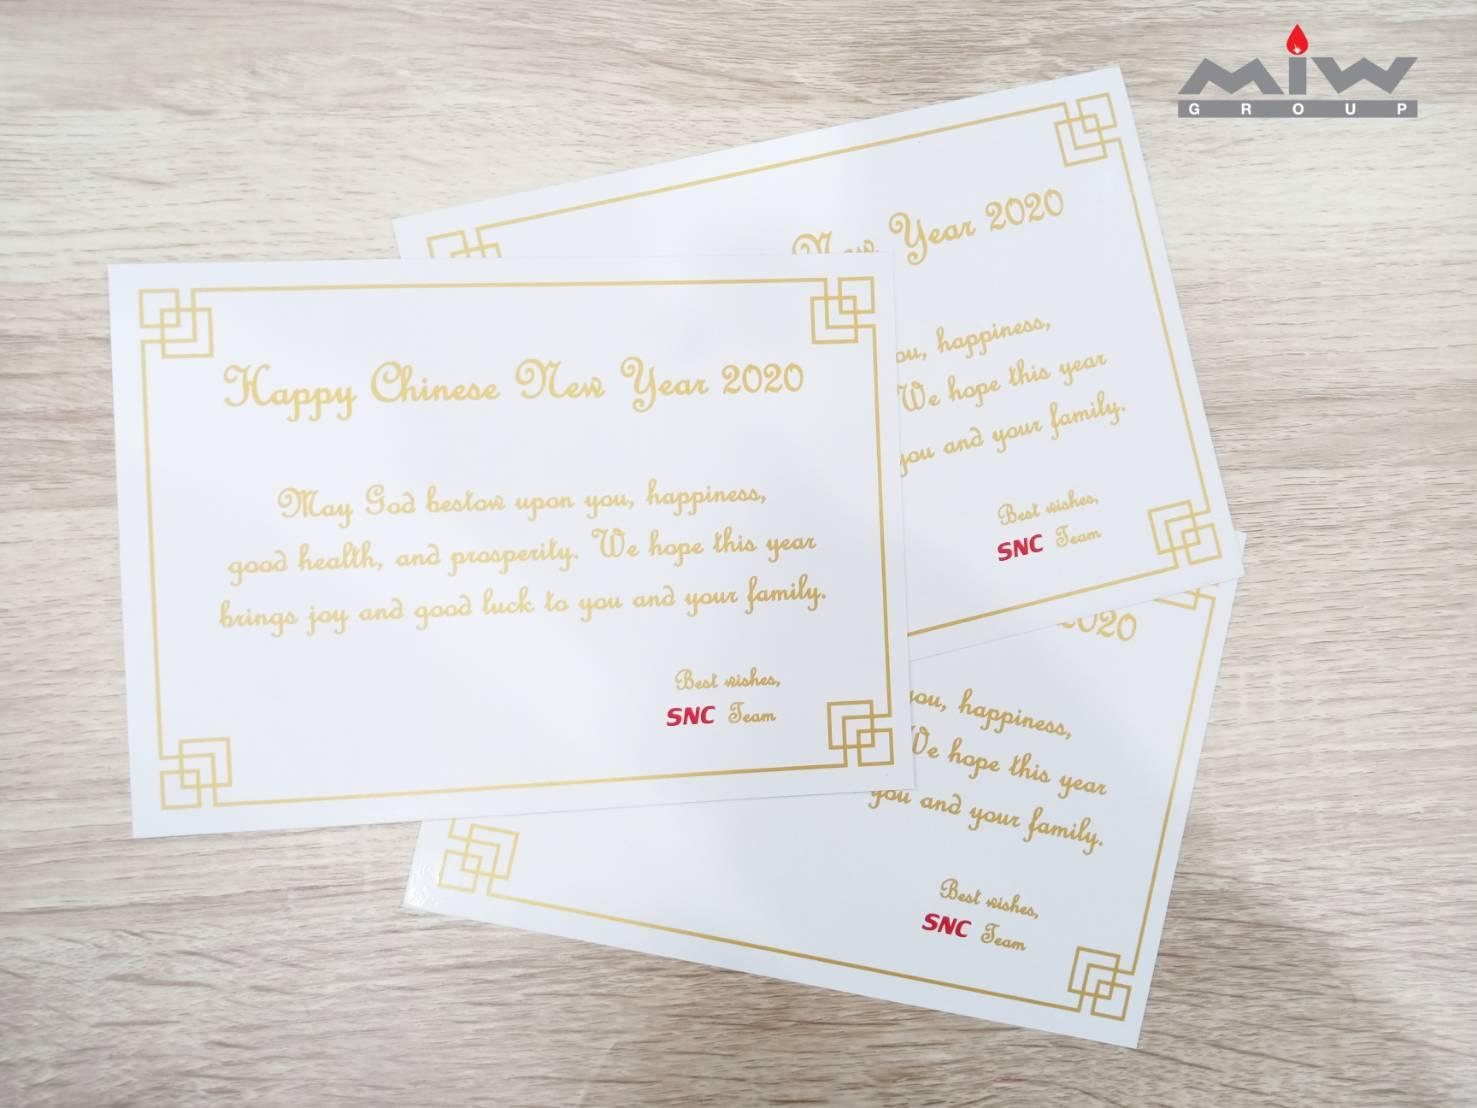 239292 - งานพิมพ์การ์ด SNC Happy Chinese New Year 2020